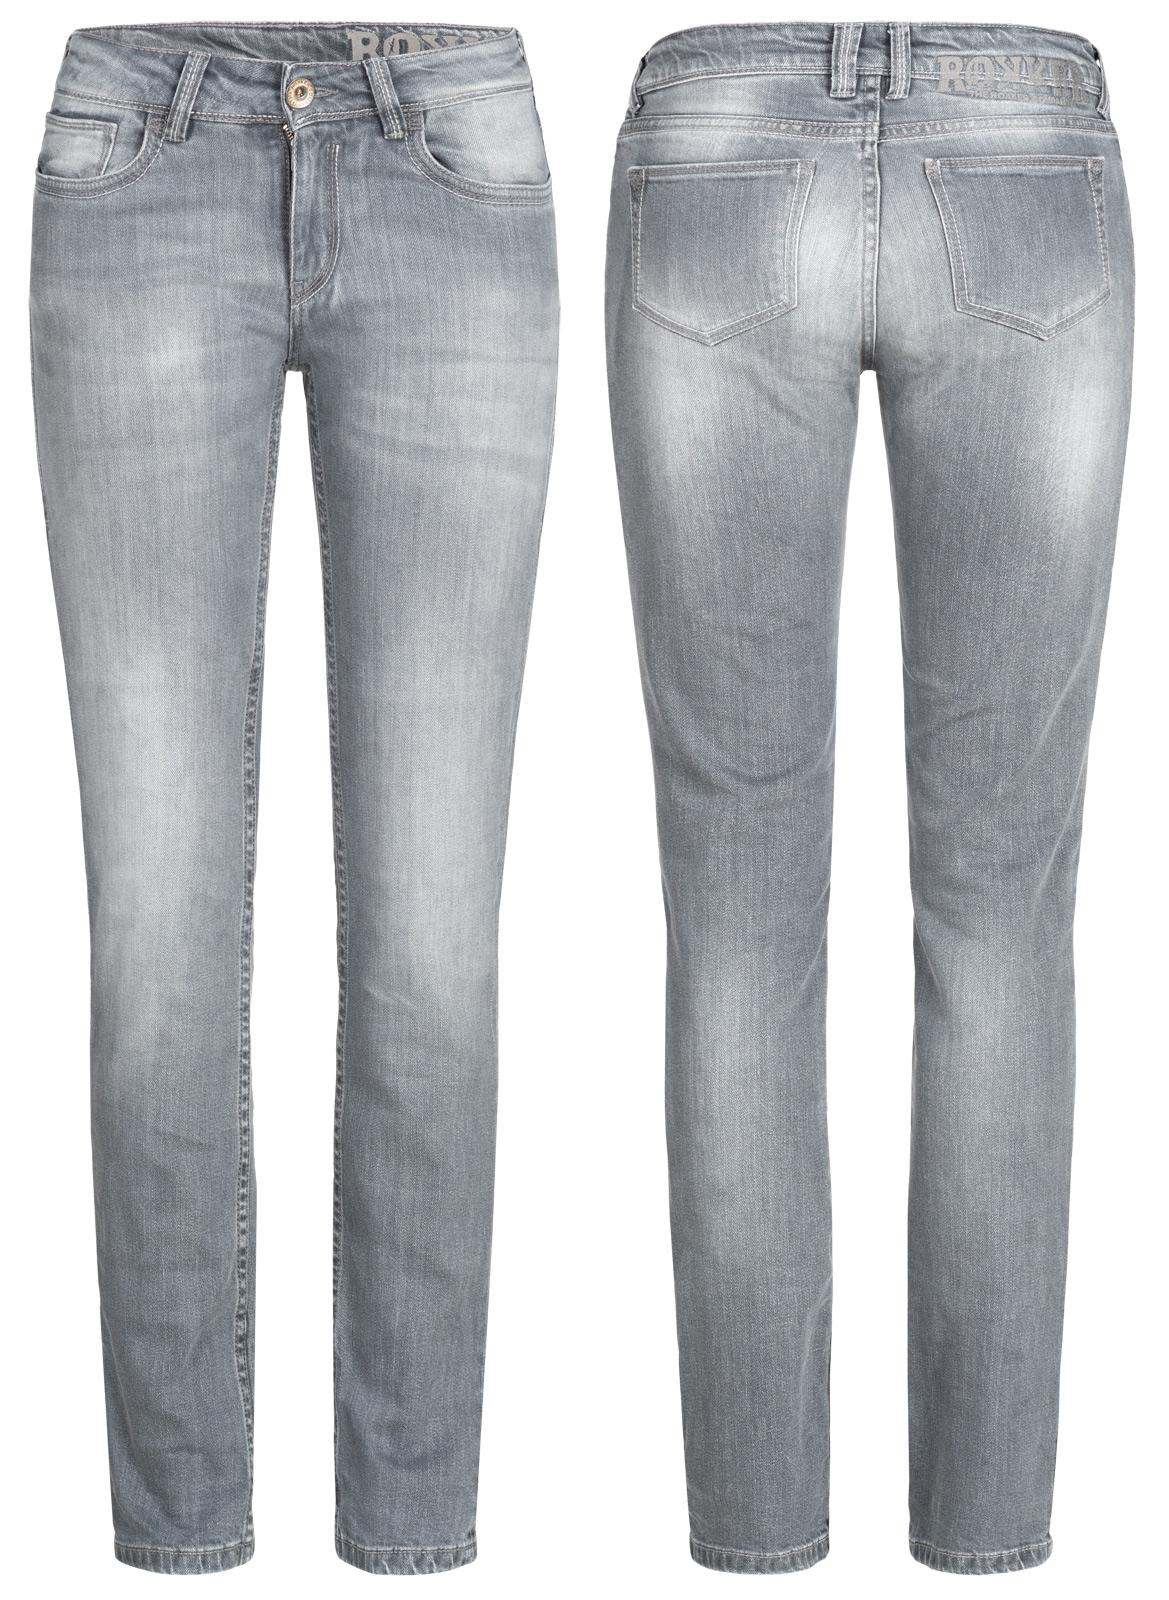 rokker the donna grau damen biker jeans comfort fit bei. Black Bedroom Furniture Sets. Home Design Ideas